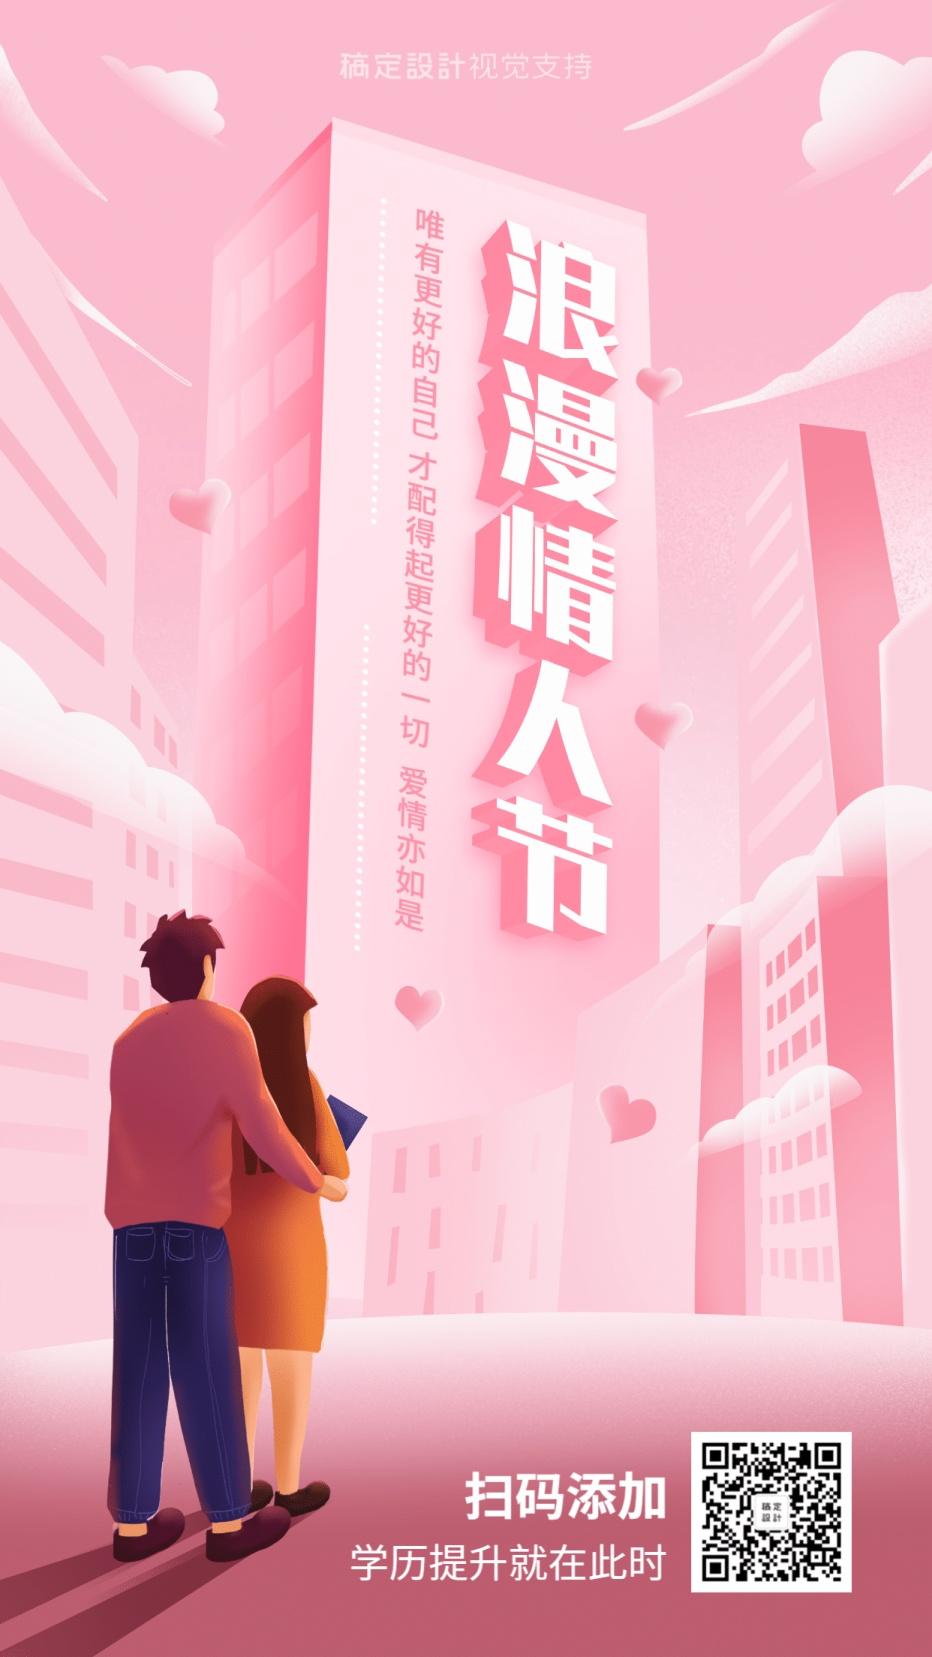 情人节日节气3D学历提升插画手机海报